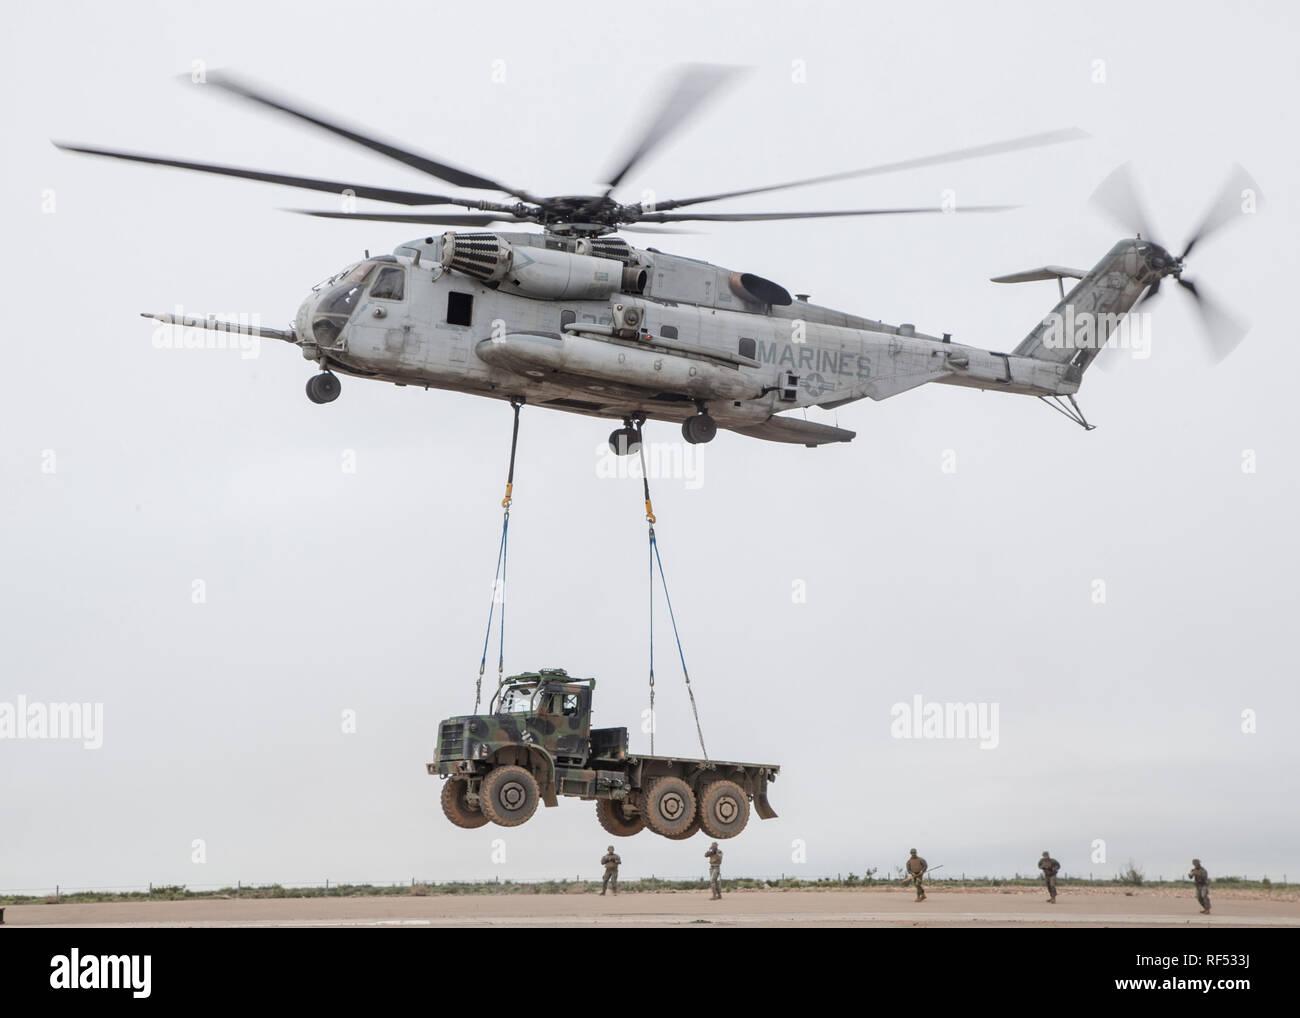 MARINE CORPS AIR STATION Miramar, Calif.- un tipo CH-53E Super Stallion con Marina escuadrón de helicópteros pesados (HMH) 462, aviones Marine Group (MAG) 16, 3a de alas de avión marino (MAW), los ascensores, un medio de sustitución de vehículos tácticos (MTVR) en Marine Corps Air Station Miramar, California, el 16 de enero. Los infantes de marina de HMH-462 y 01 Marine Logistics Group realizó una elevación externa de un MTVR para mejorar sus capacidades de apoyo y ejercer la aeronave tiene un límite máximo de 36.000 libras. (Ee.Uu. Marine Corps foto por Lance Cpl. Clare J. MCINTYRE) Foto de stock